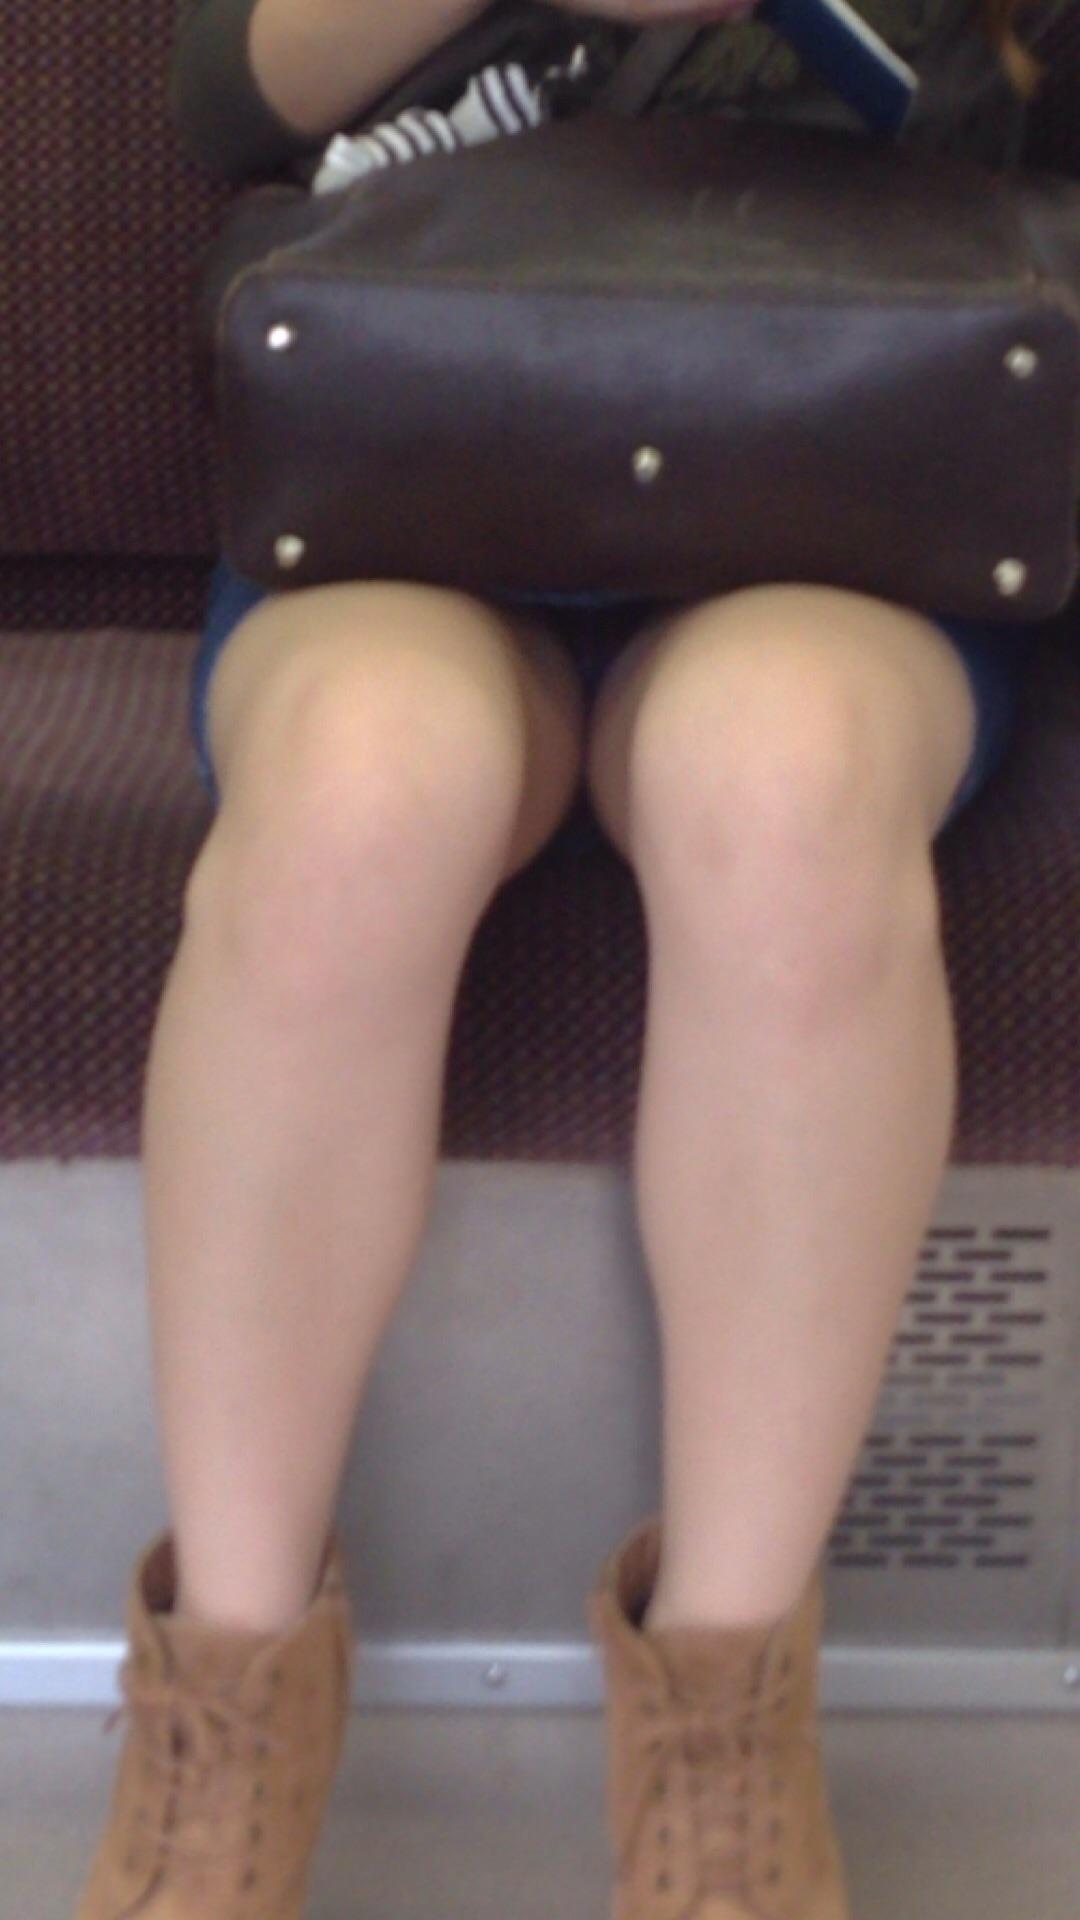 【美脚&チラリズムエロ画像】パンツ見えずとも諦めない!電車の対面から美脚チェックwww 11